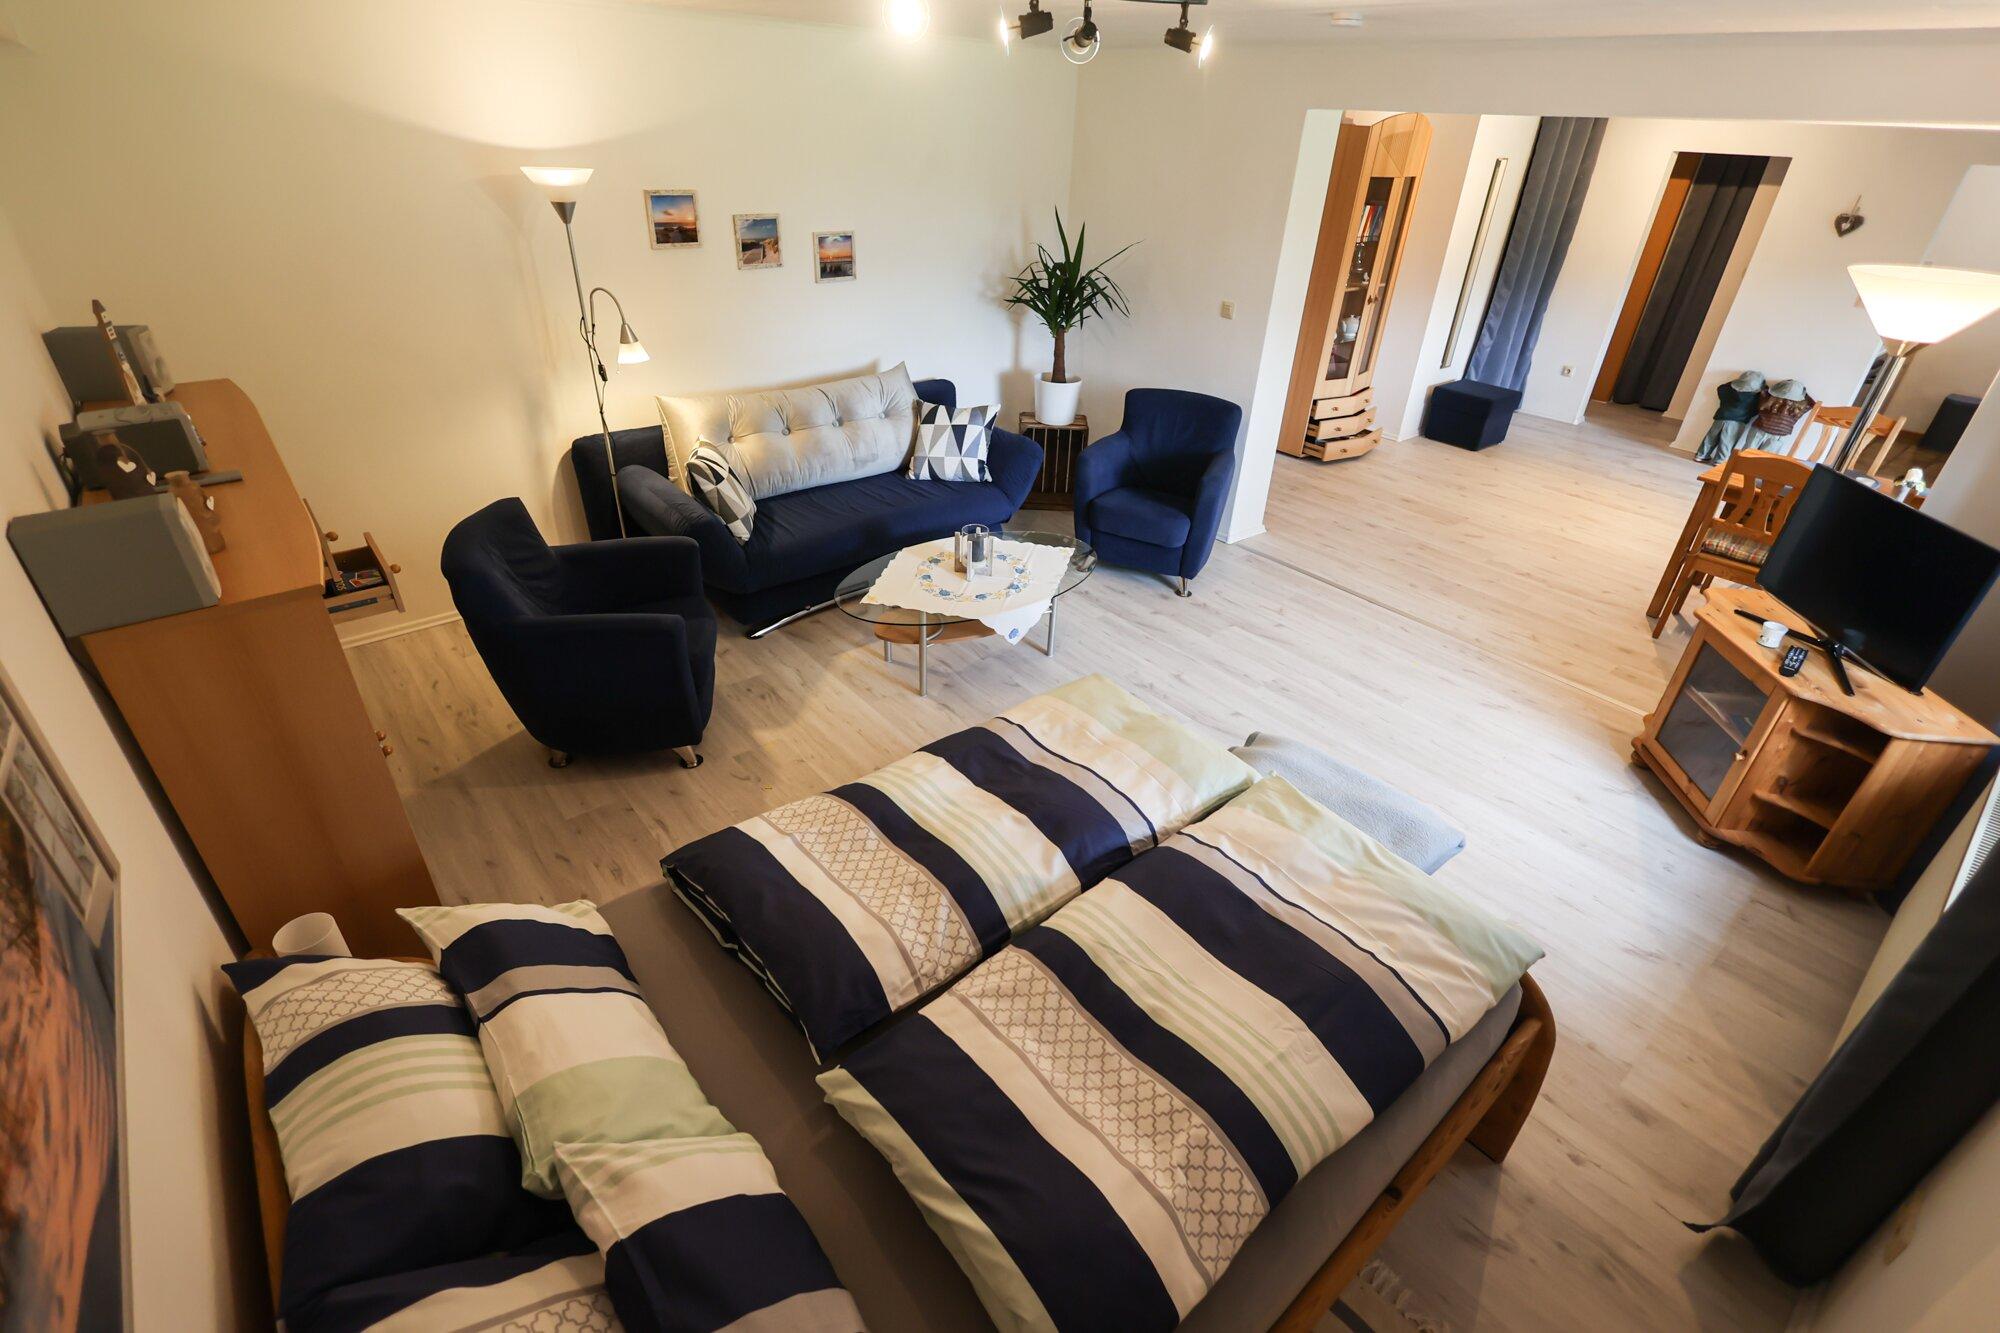 Zwei oder vier Schlafplätze möglich